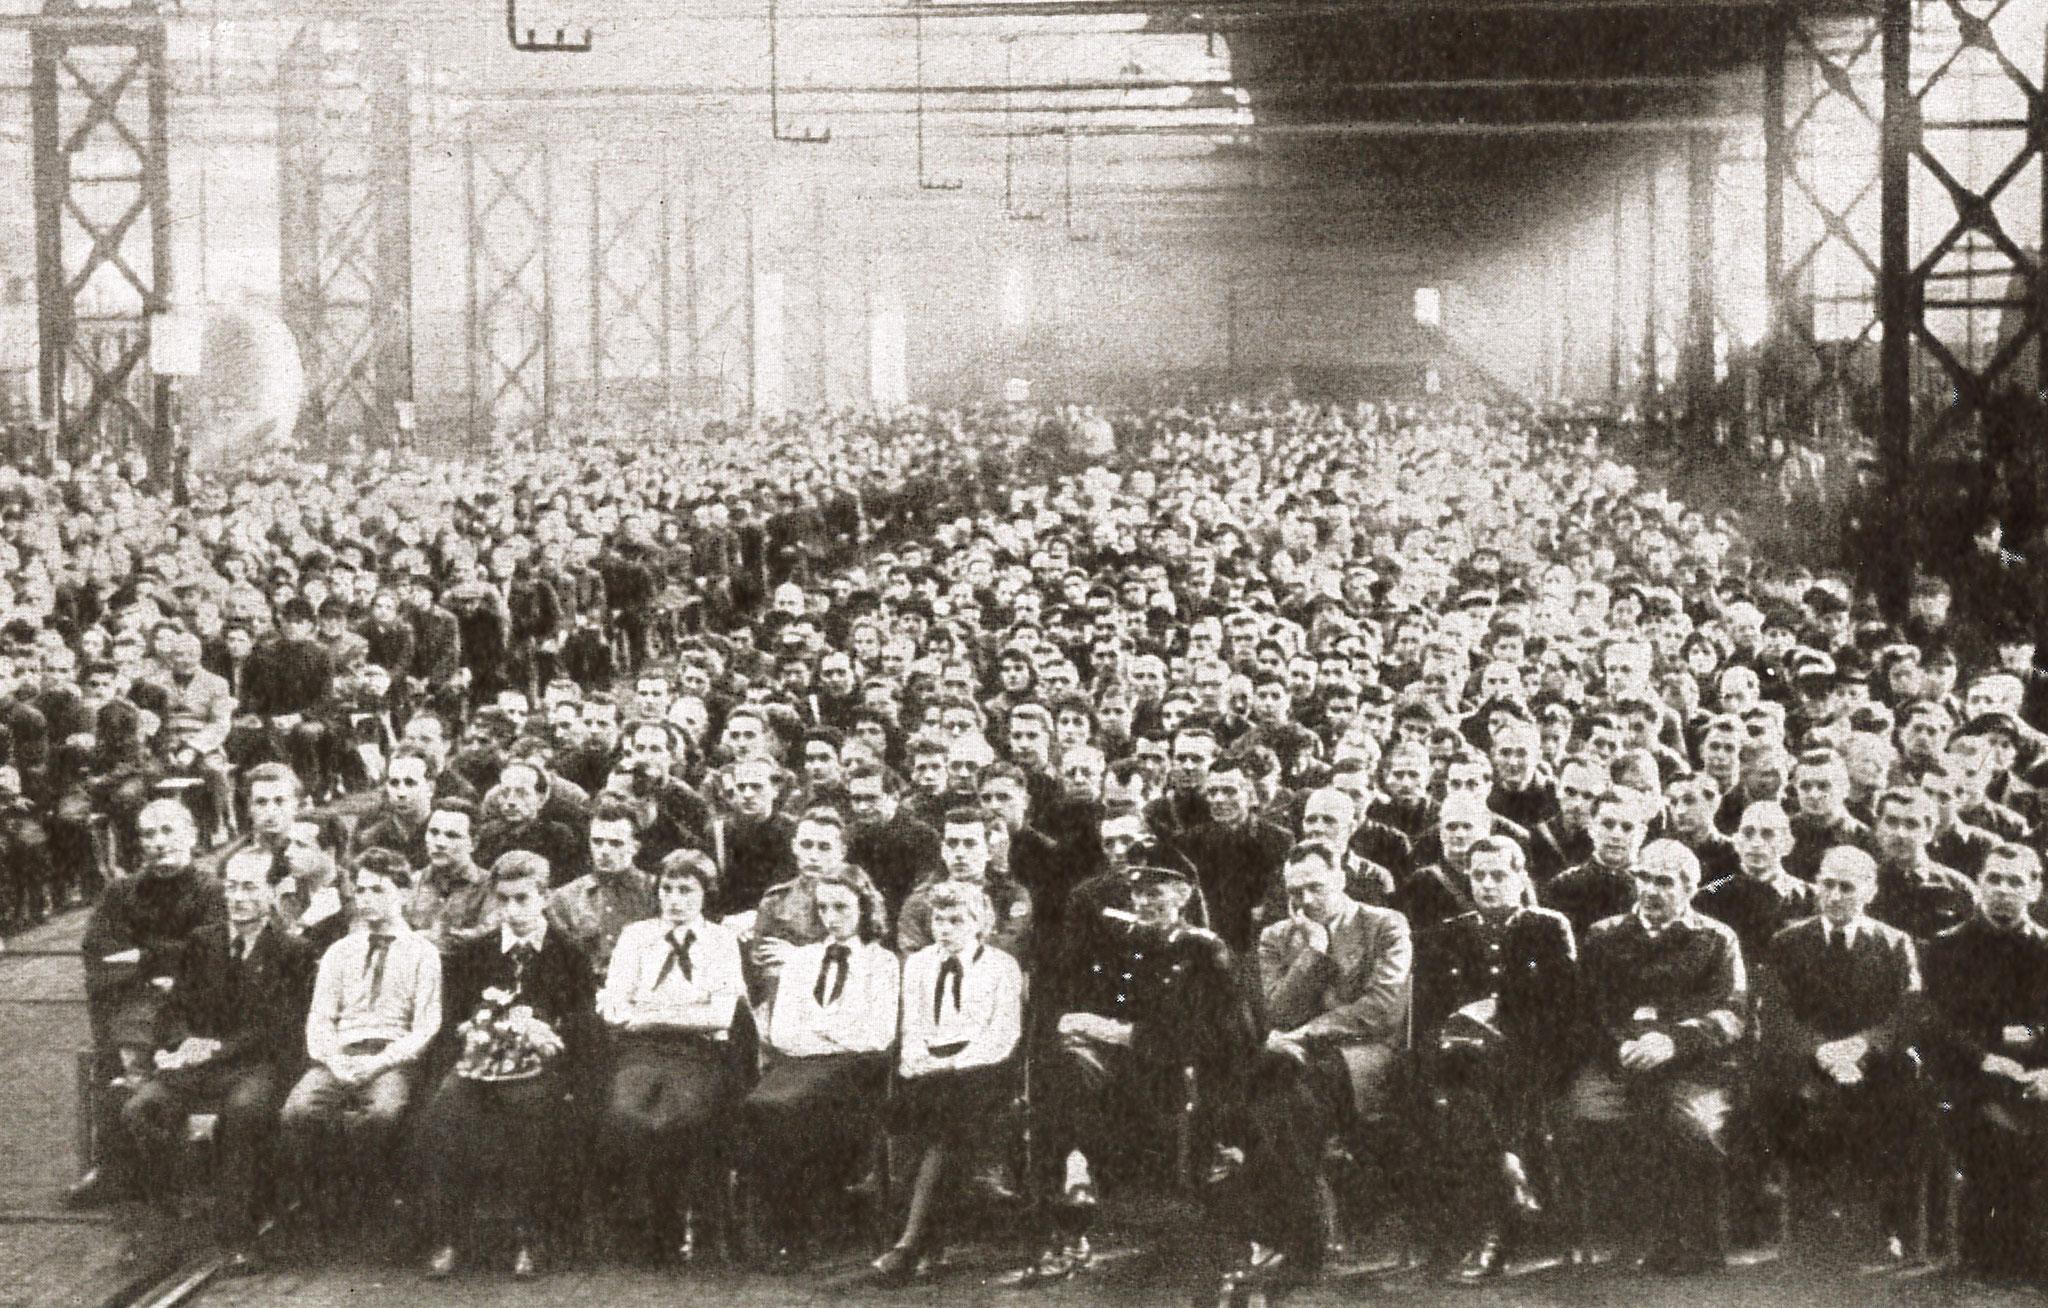 """Verleihung des """"Bahner der Arbeit"""" am 14.02.1958 in der Lokhalle (Quelle: """"50 Jahre RAW, 50 Jahre Arbeiterbewegung"""", Zwickau, 1958)"""